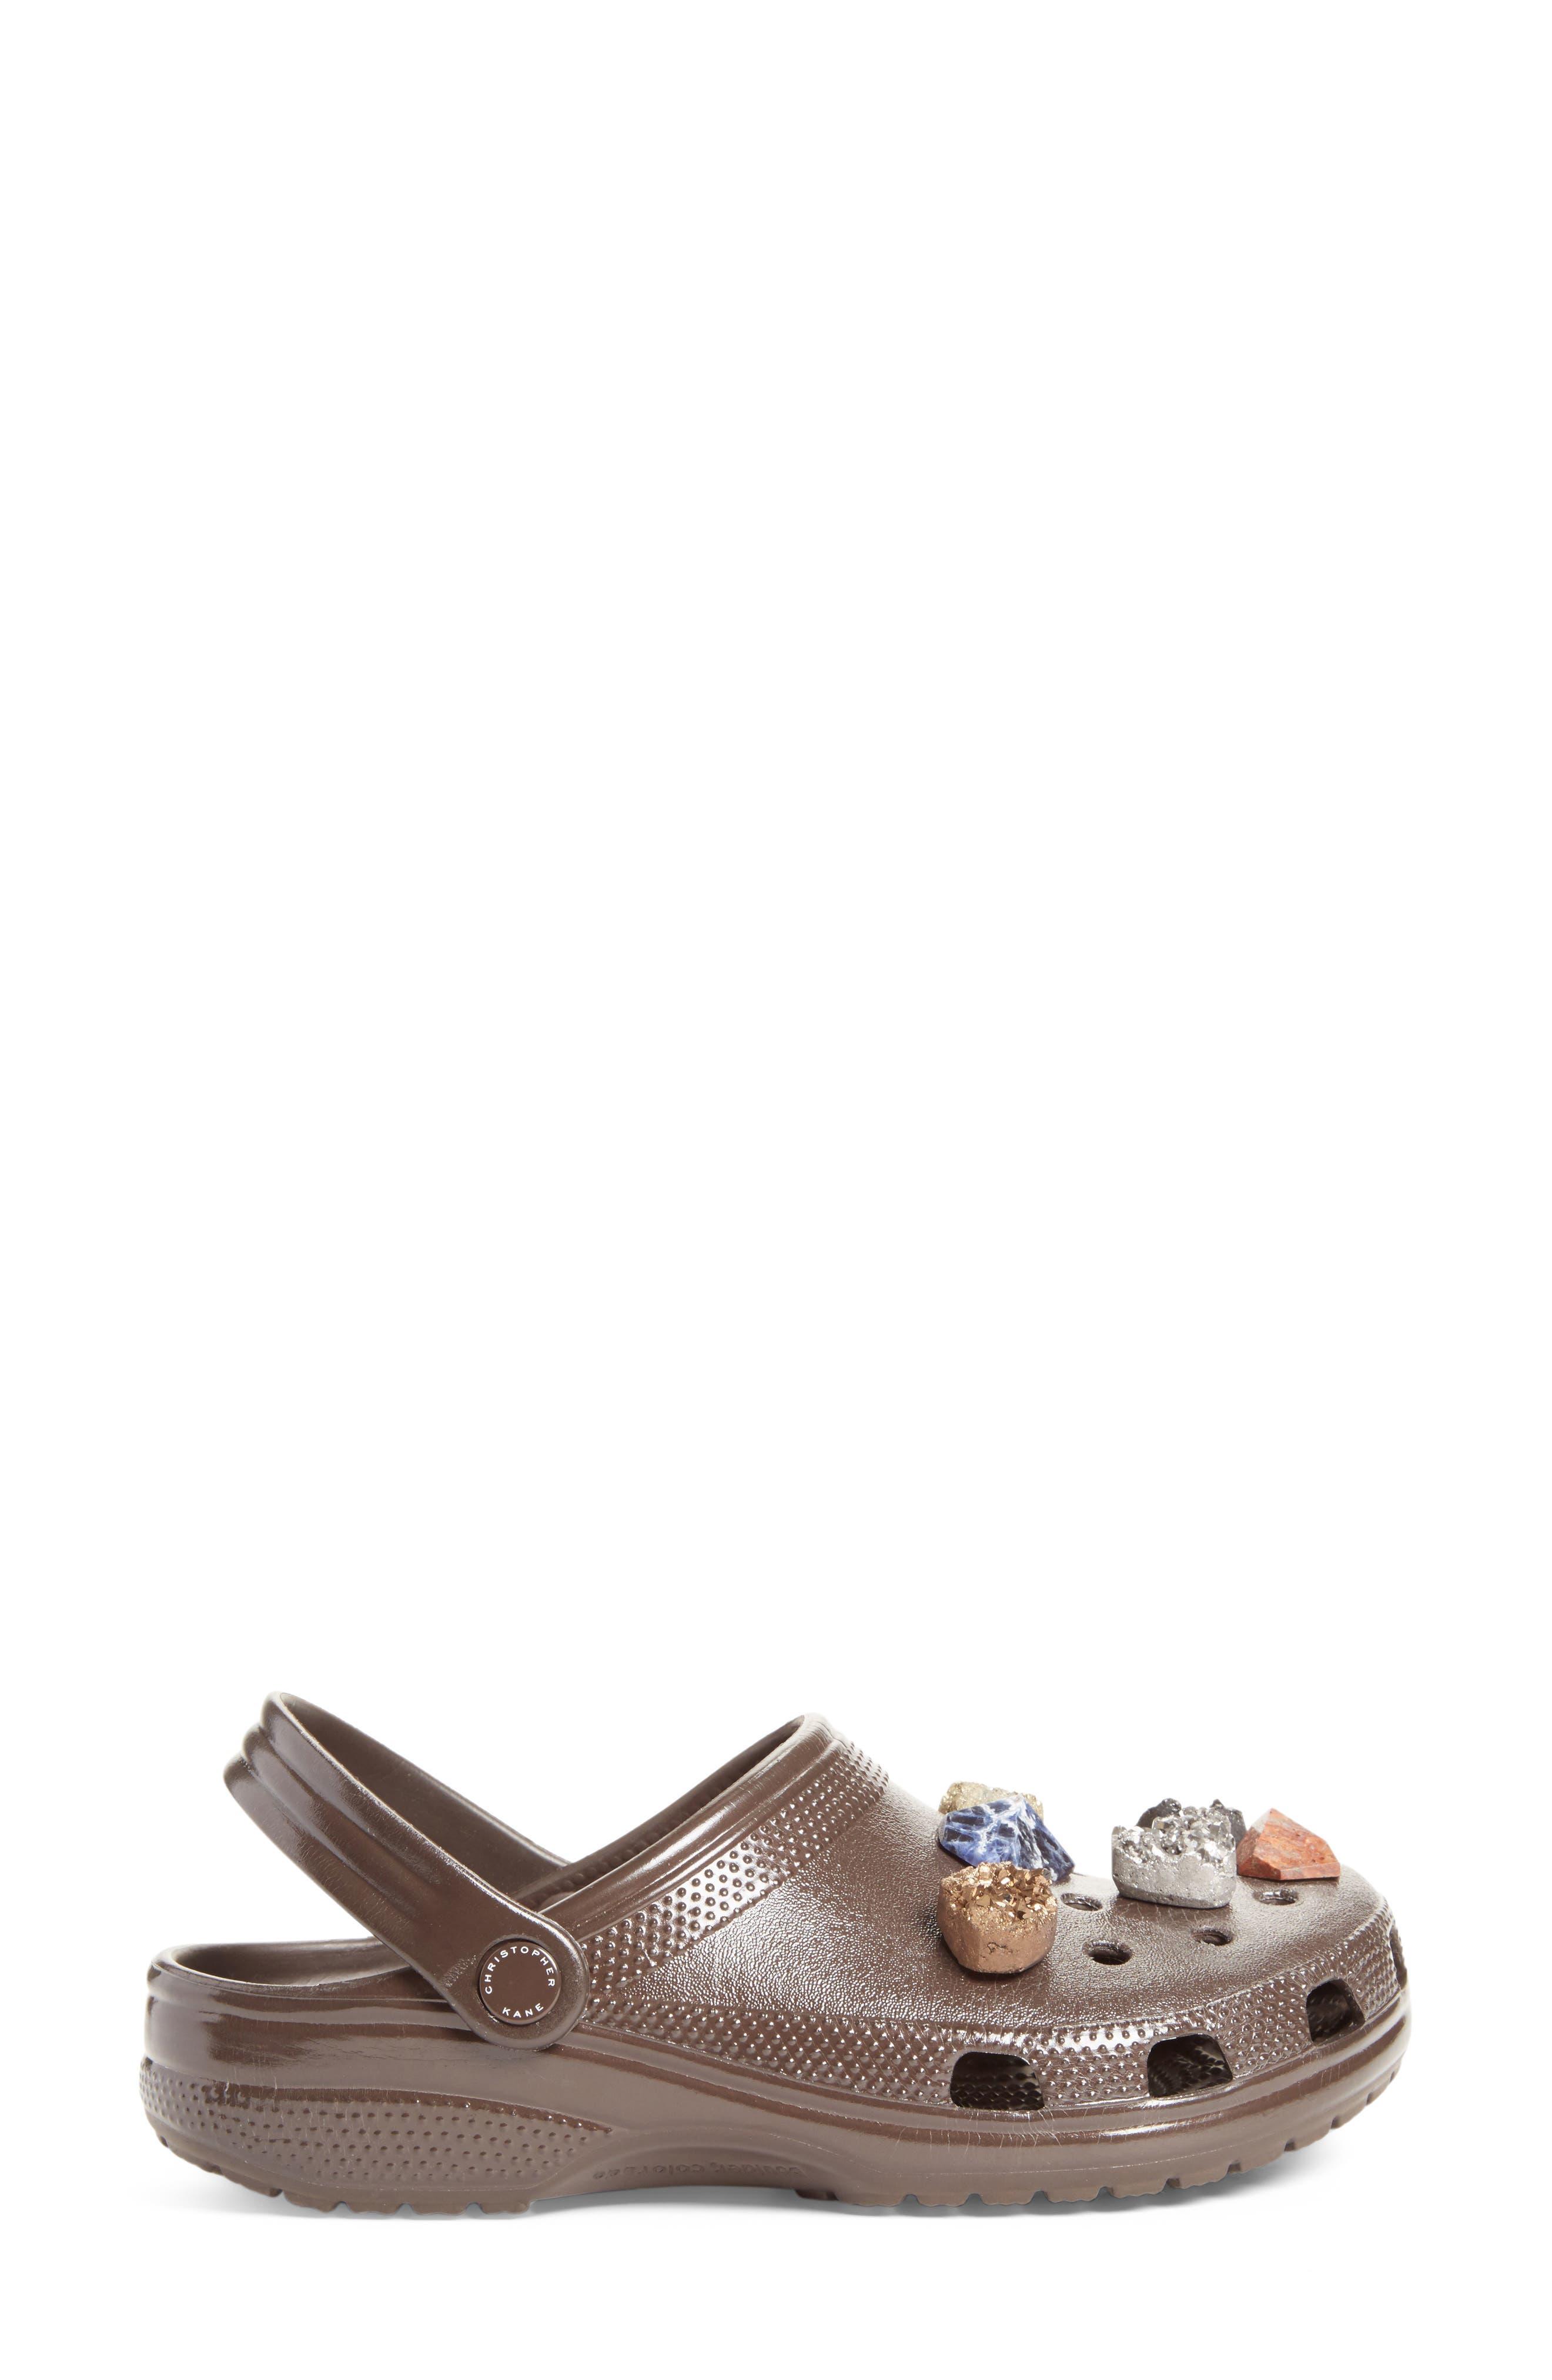 x CROCS<sup>™</sup> Multi Stone Clog Sandal,                             Alternate thumbnail 4, color,                             200